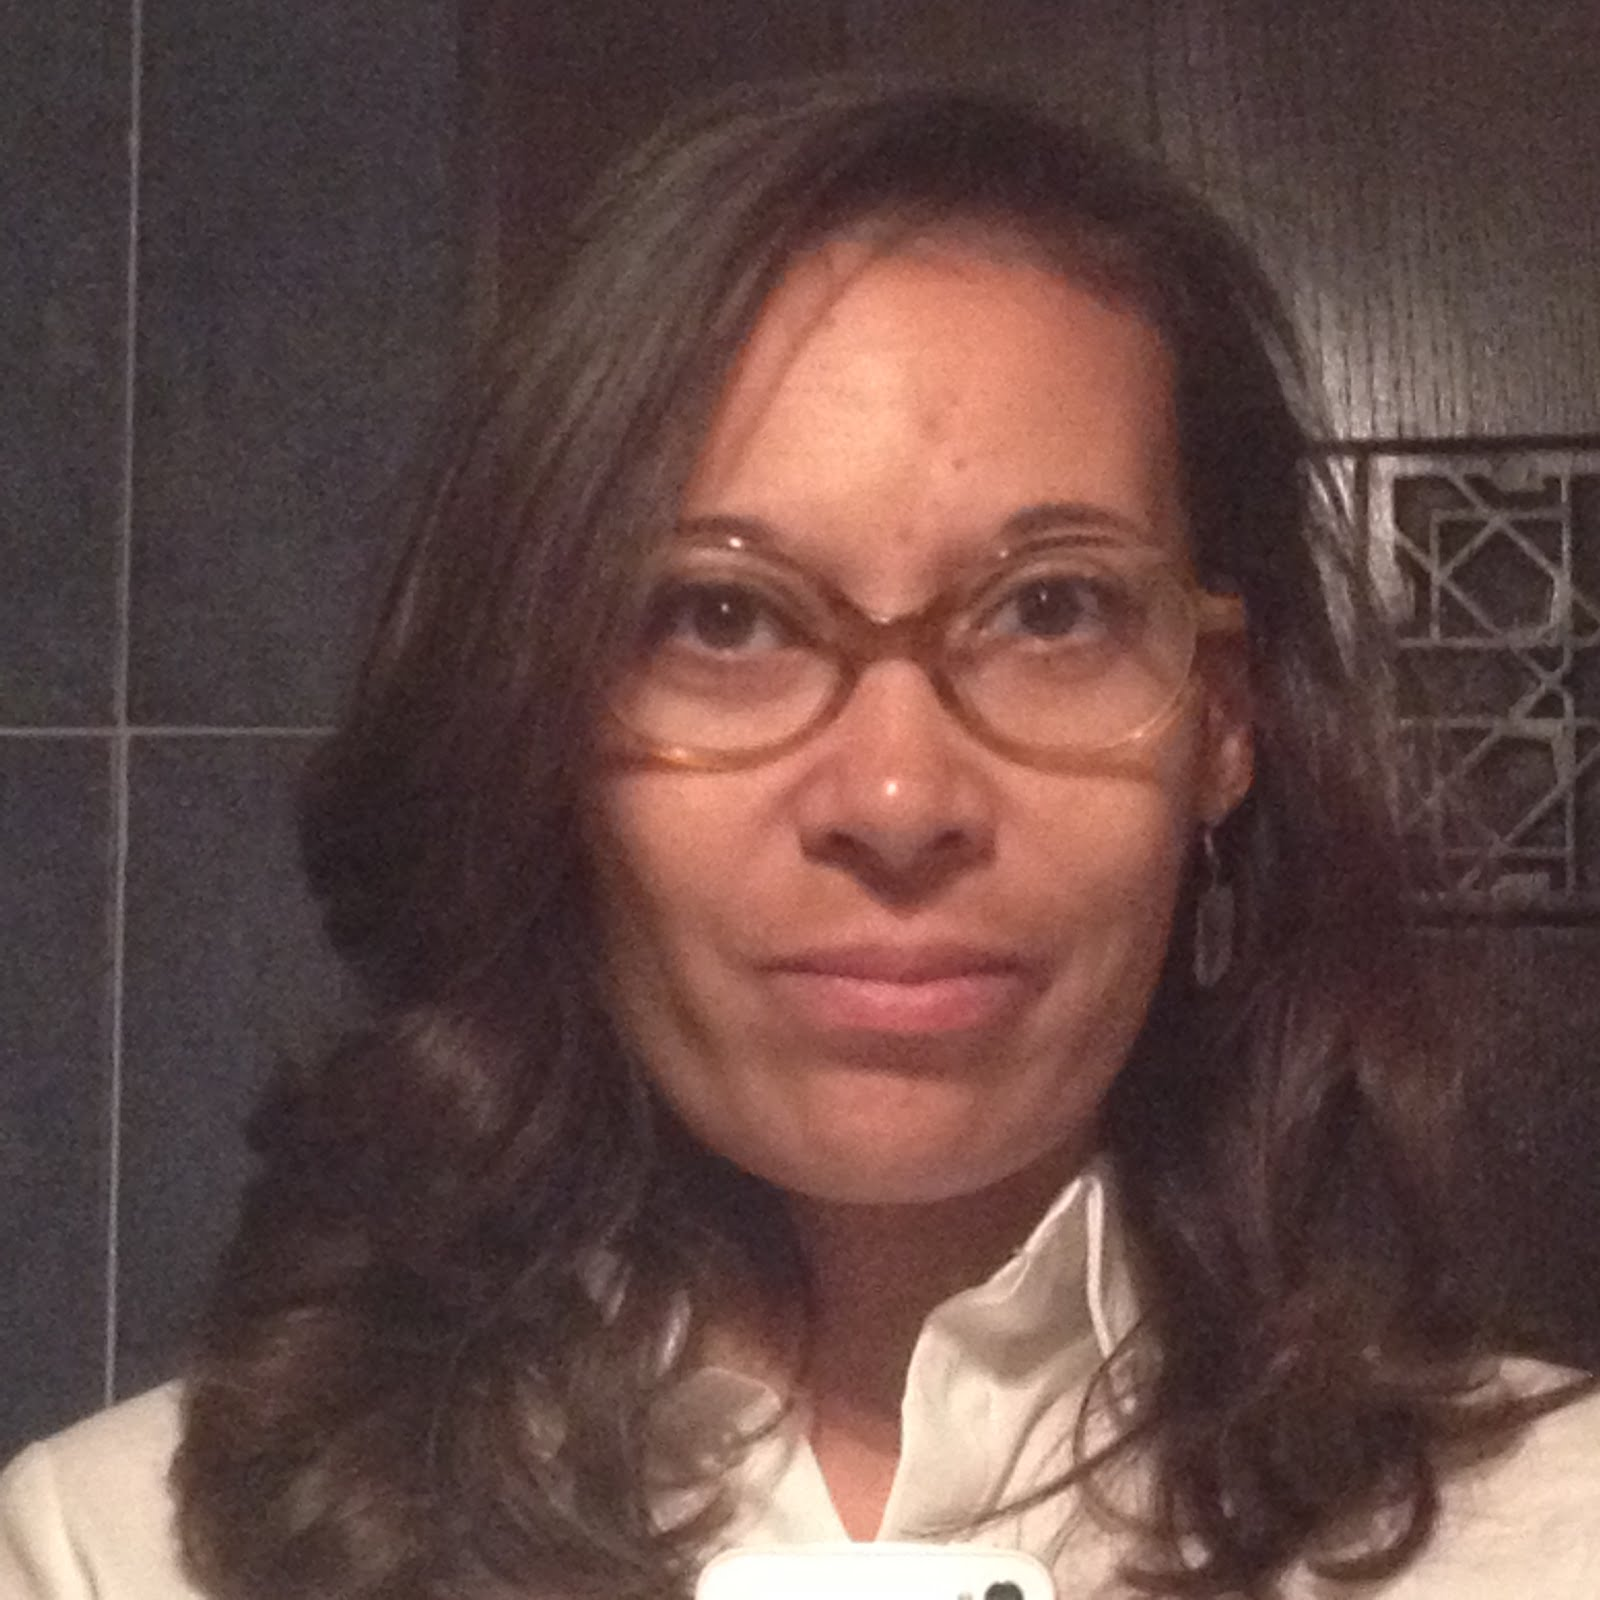 Delphine Aimée Sylvia Laguionie